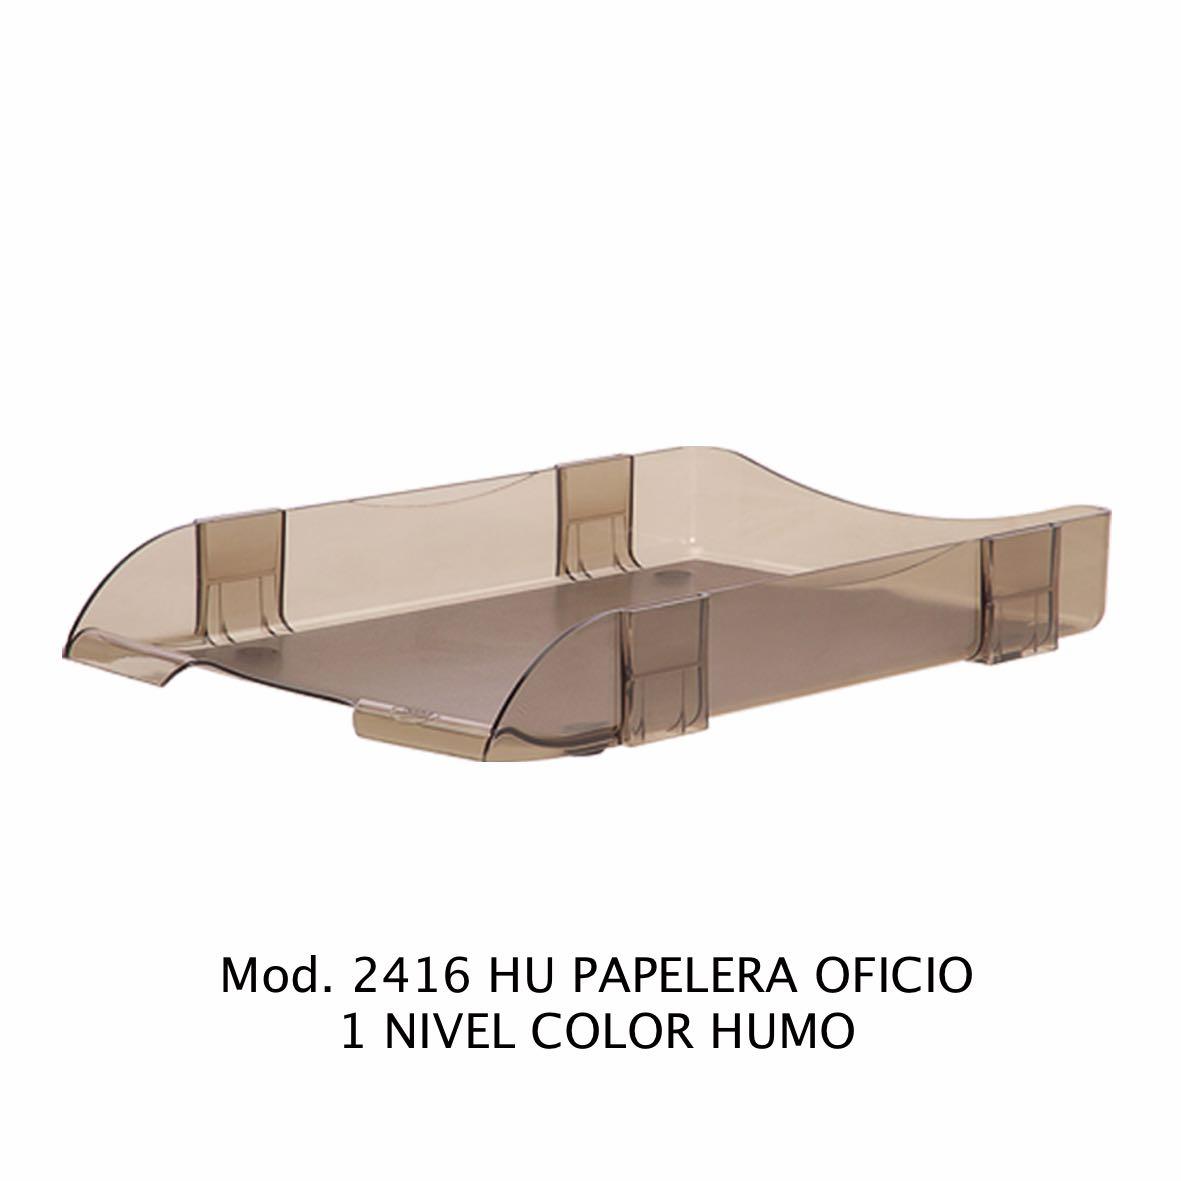 Charola de escritorio tamaño oficio de 1 nivel color humo Modelo 2416 HU - Sablón